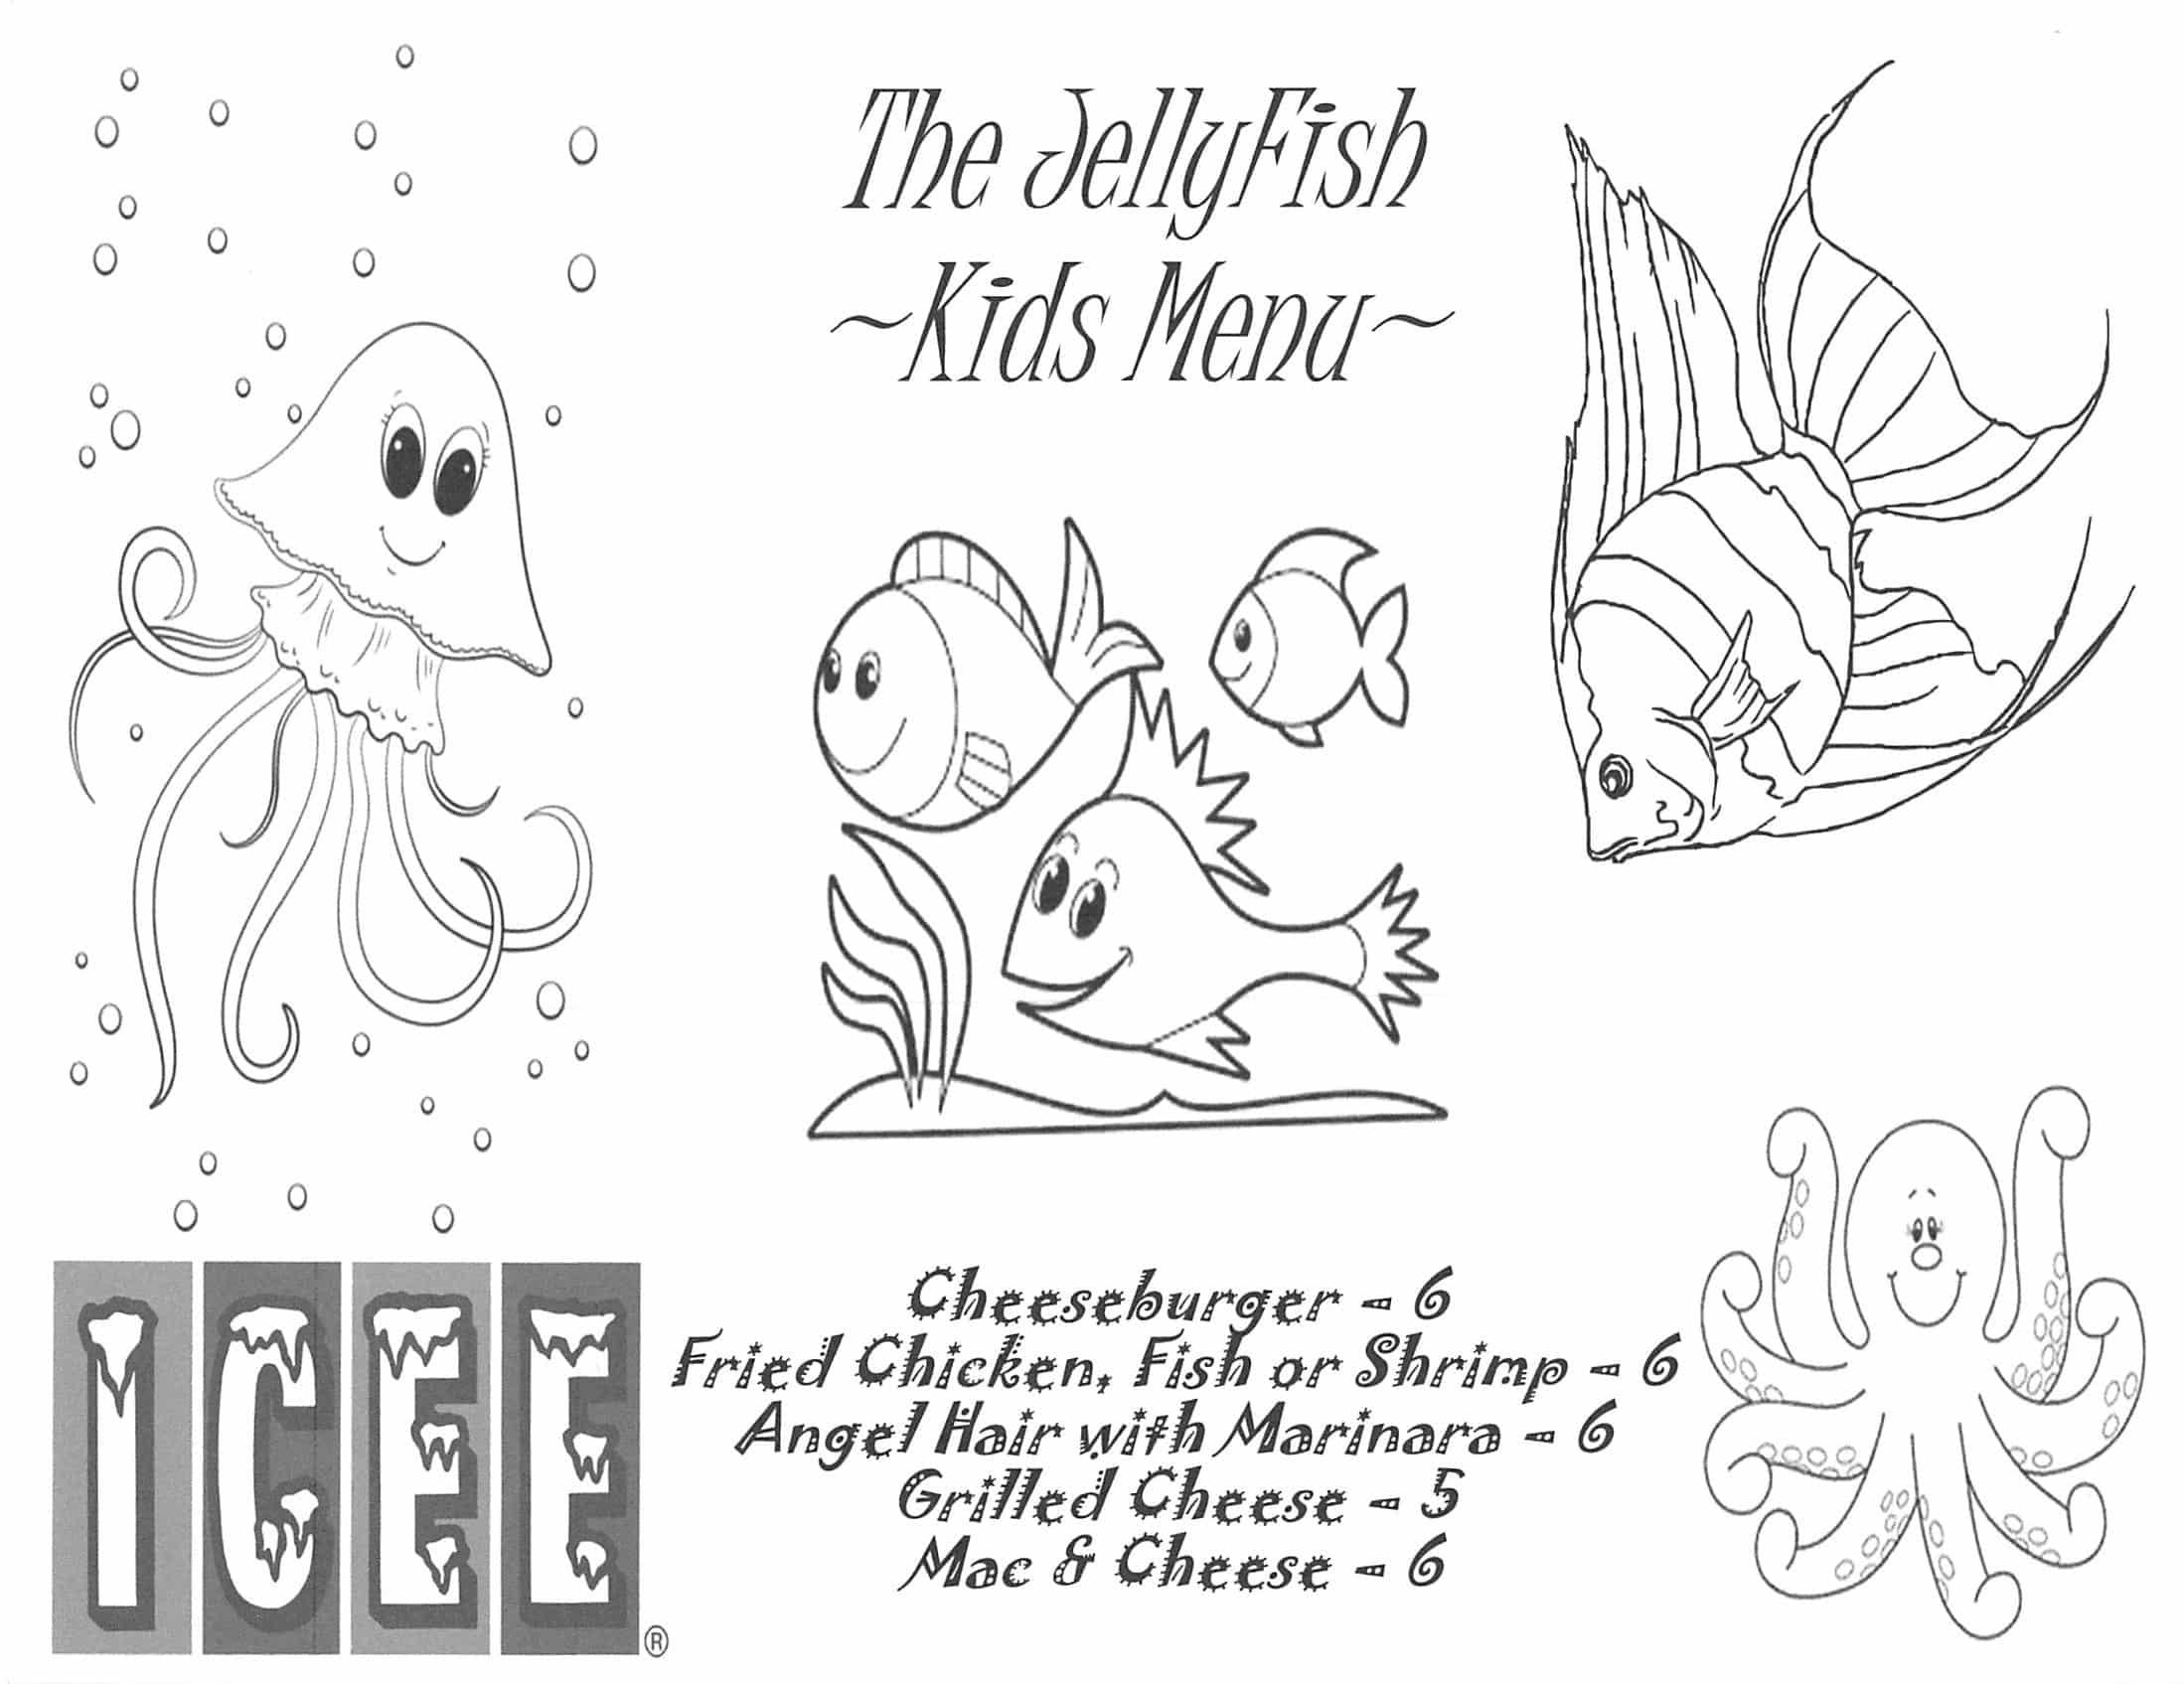 jellyfish kids menu